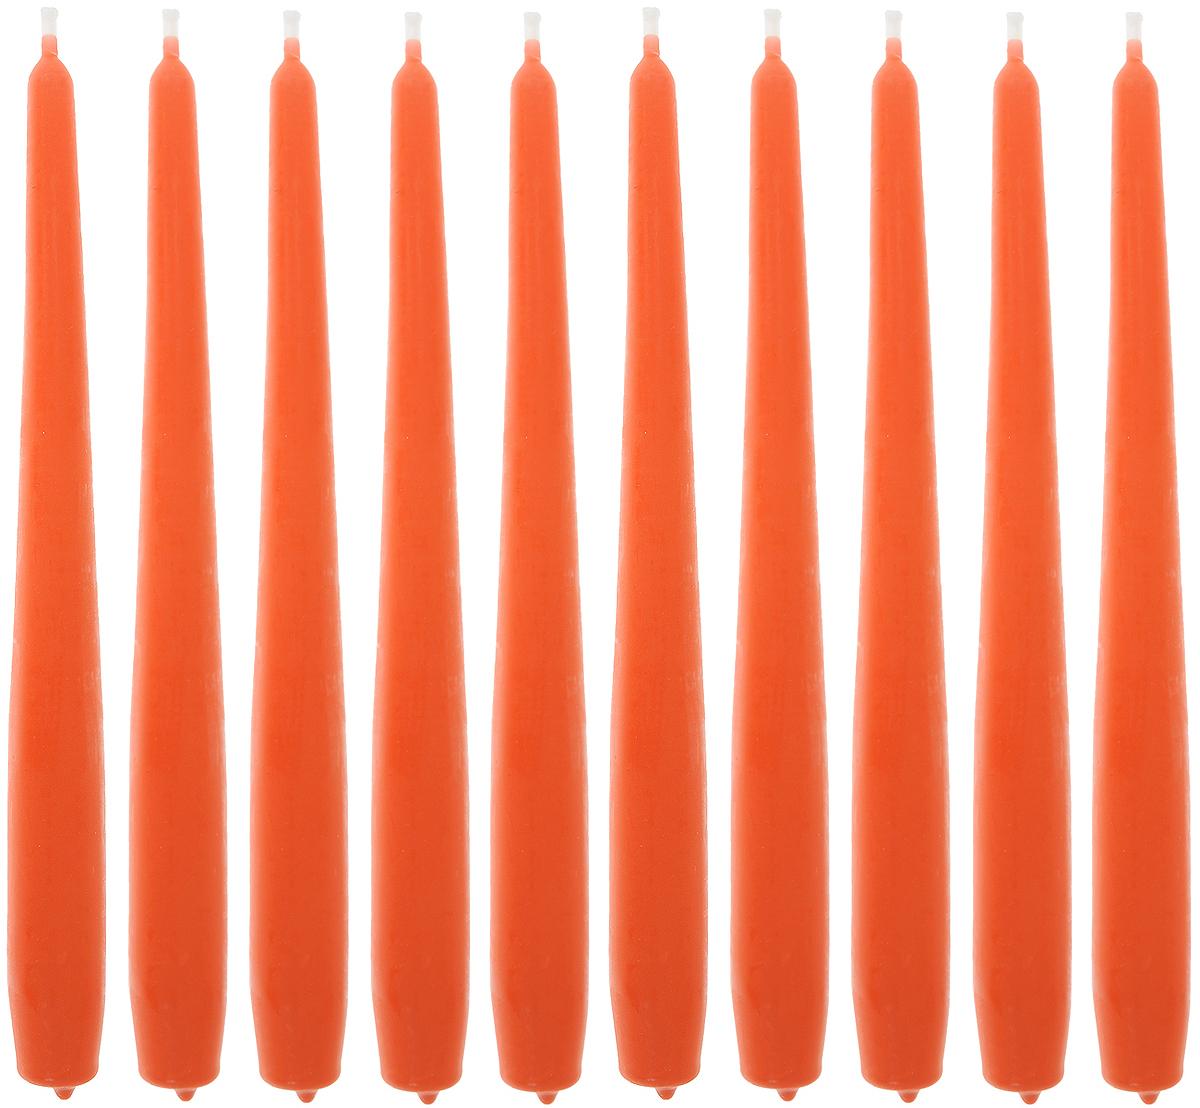 Набор свечей Омский cвечной завод, цвет: оранжевый, высота 24 см, 10 шт набор декоративных свечей омский свечной завод цвет синий высота 24 см 2 шт